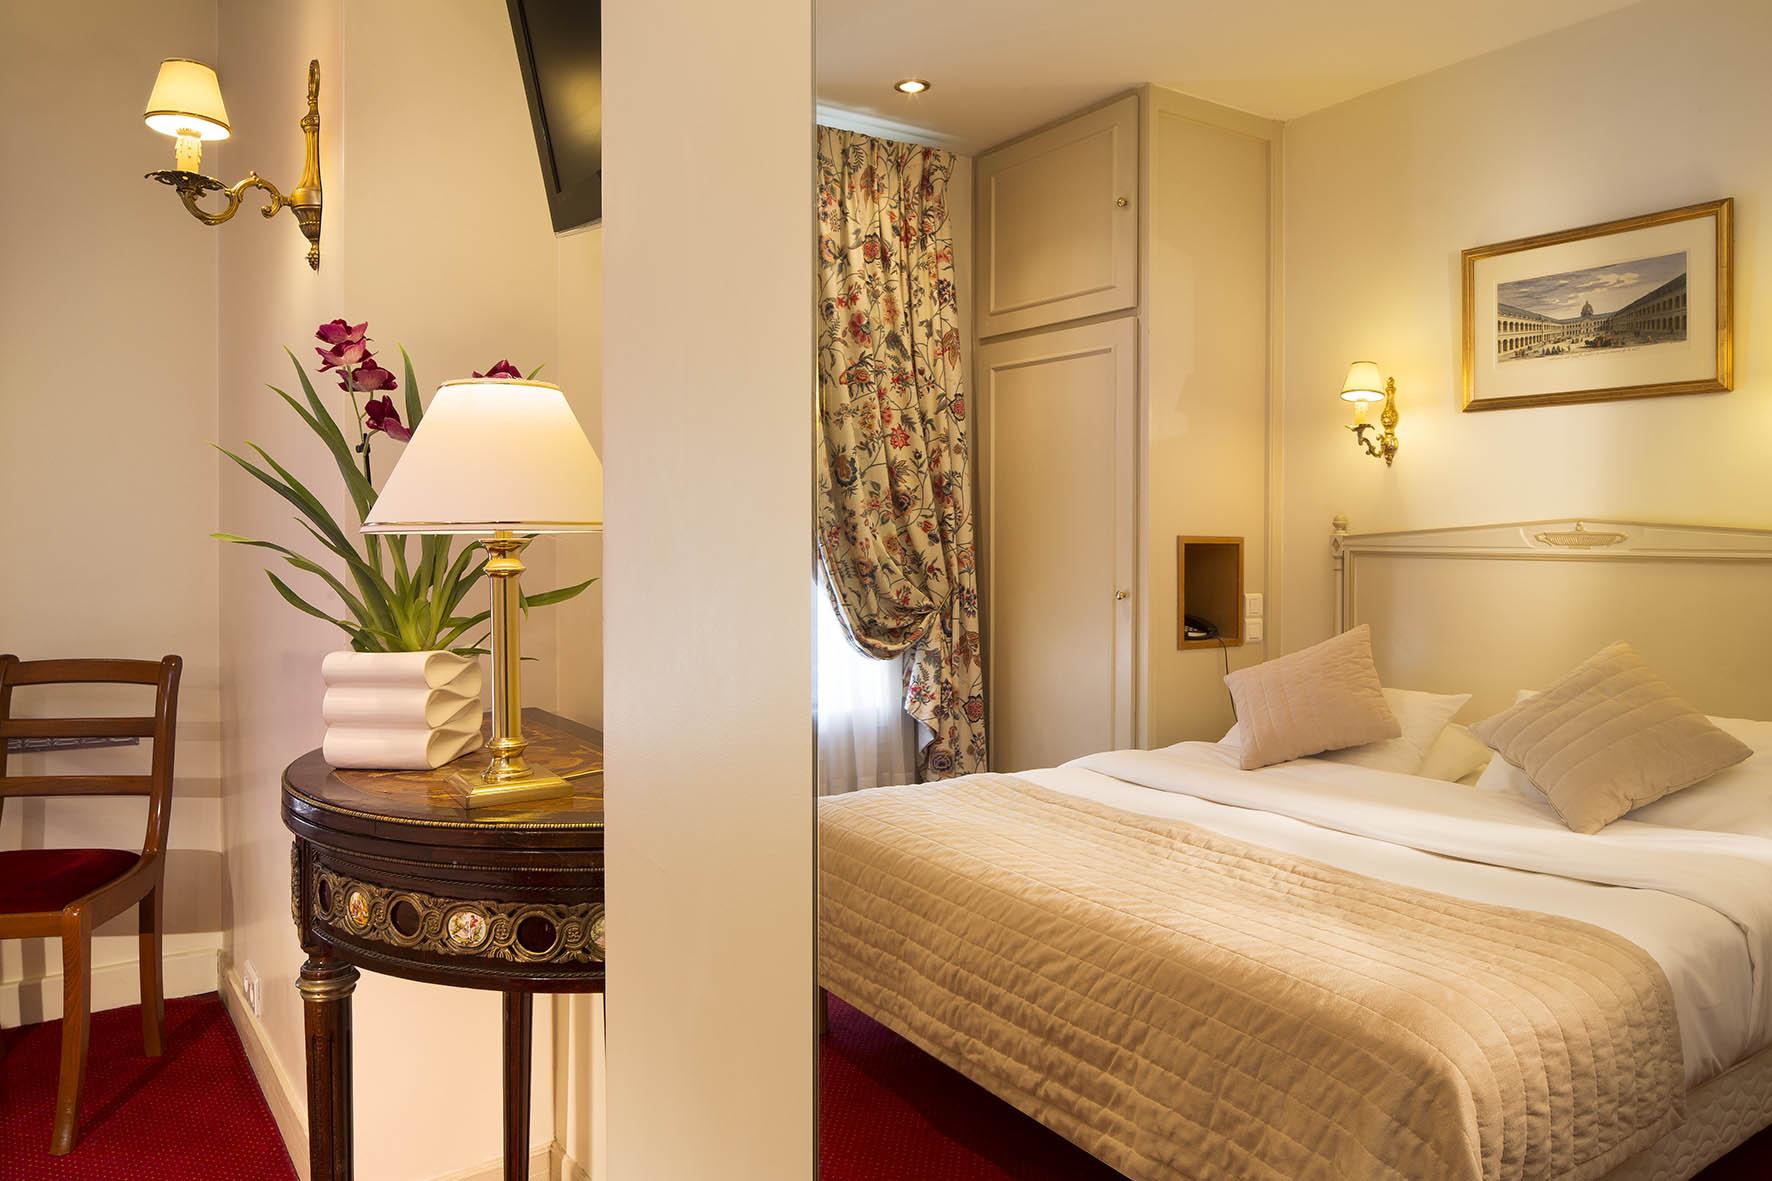 hotel de suede saint germain sur h tel paris. Black Bedroom Furniture Sets. Home Design Ideas